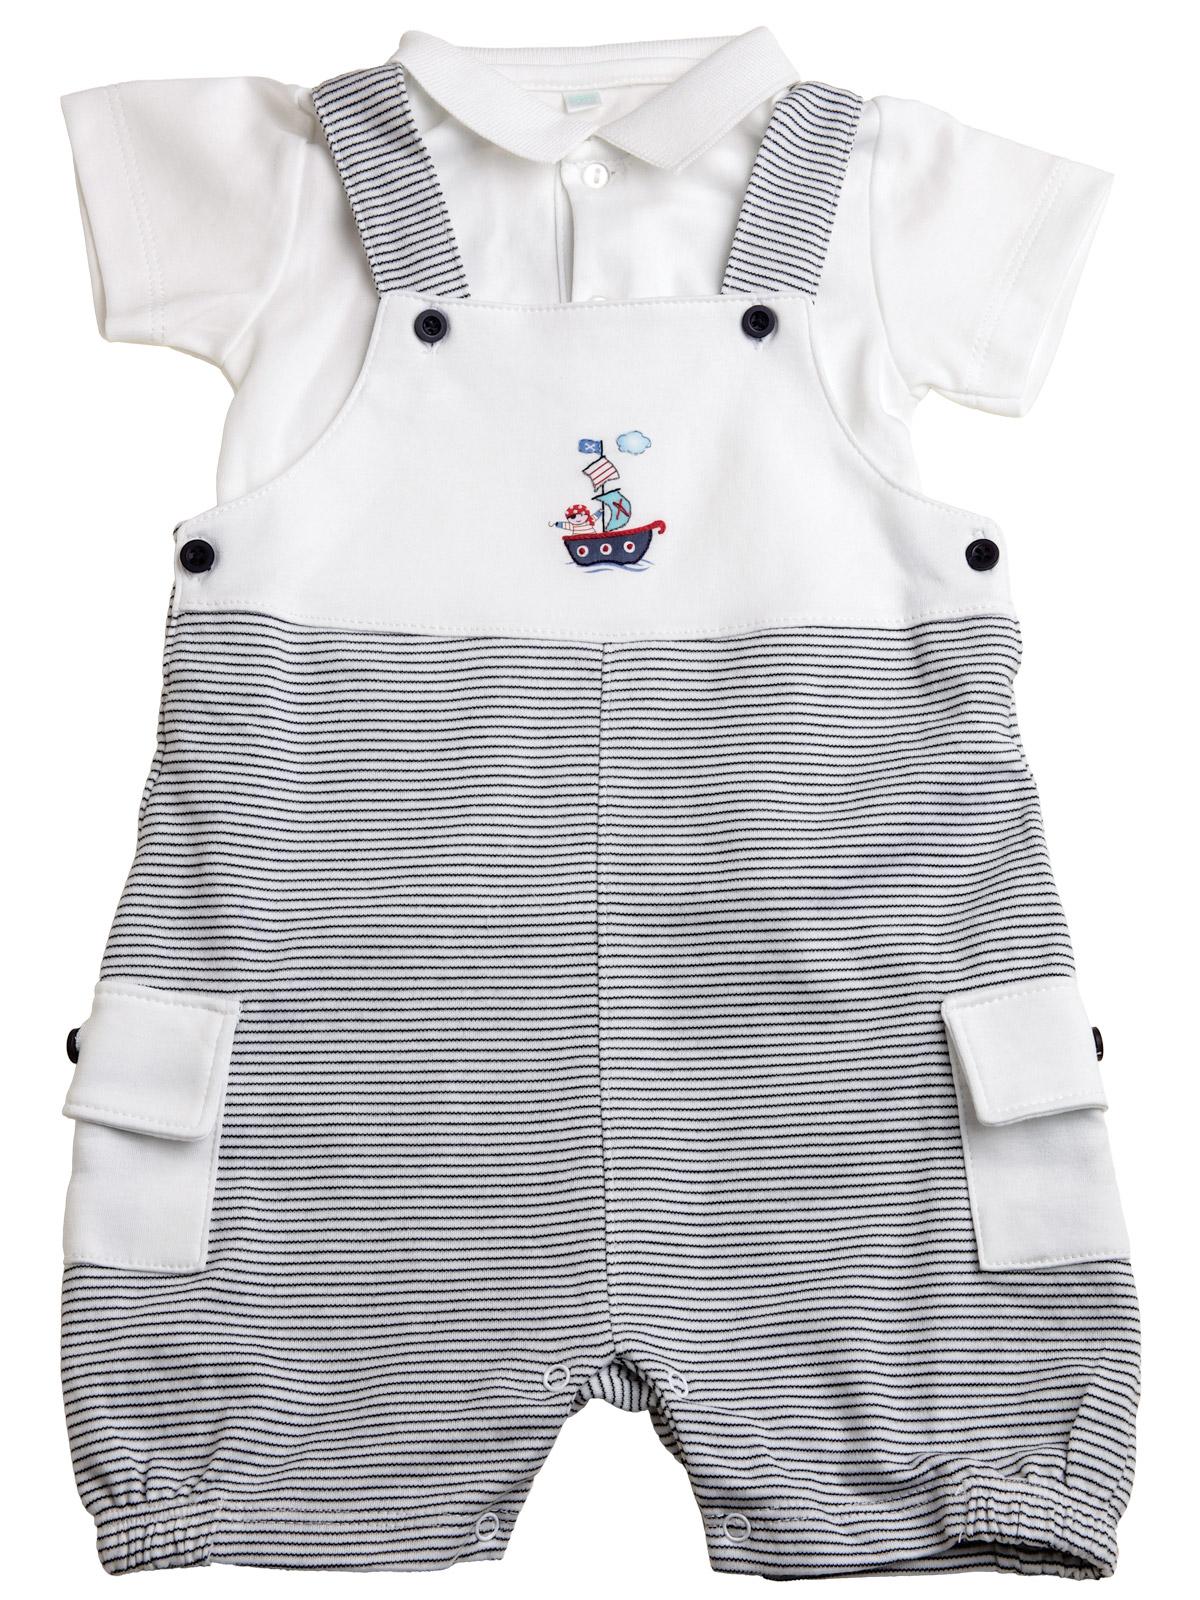 Baby-Pirate_Overalls_0150.jpg